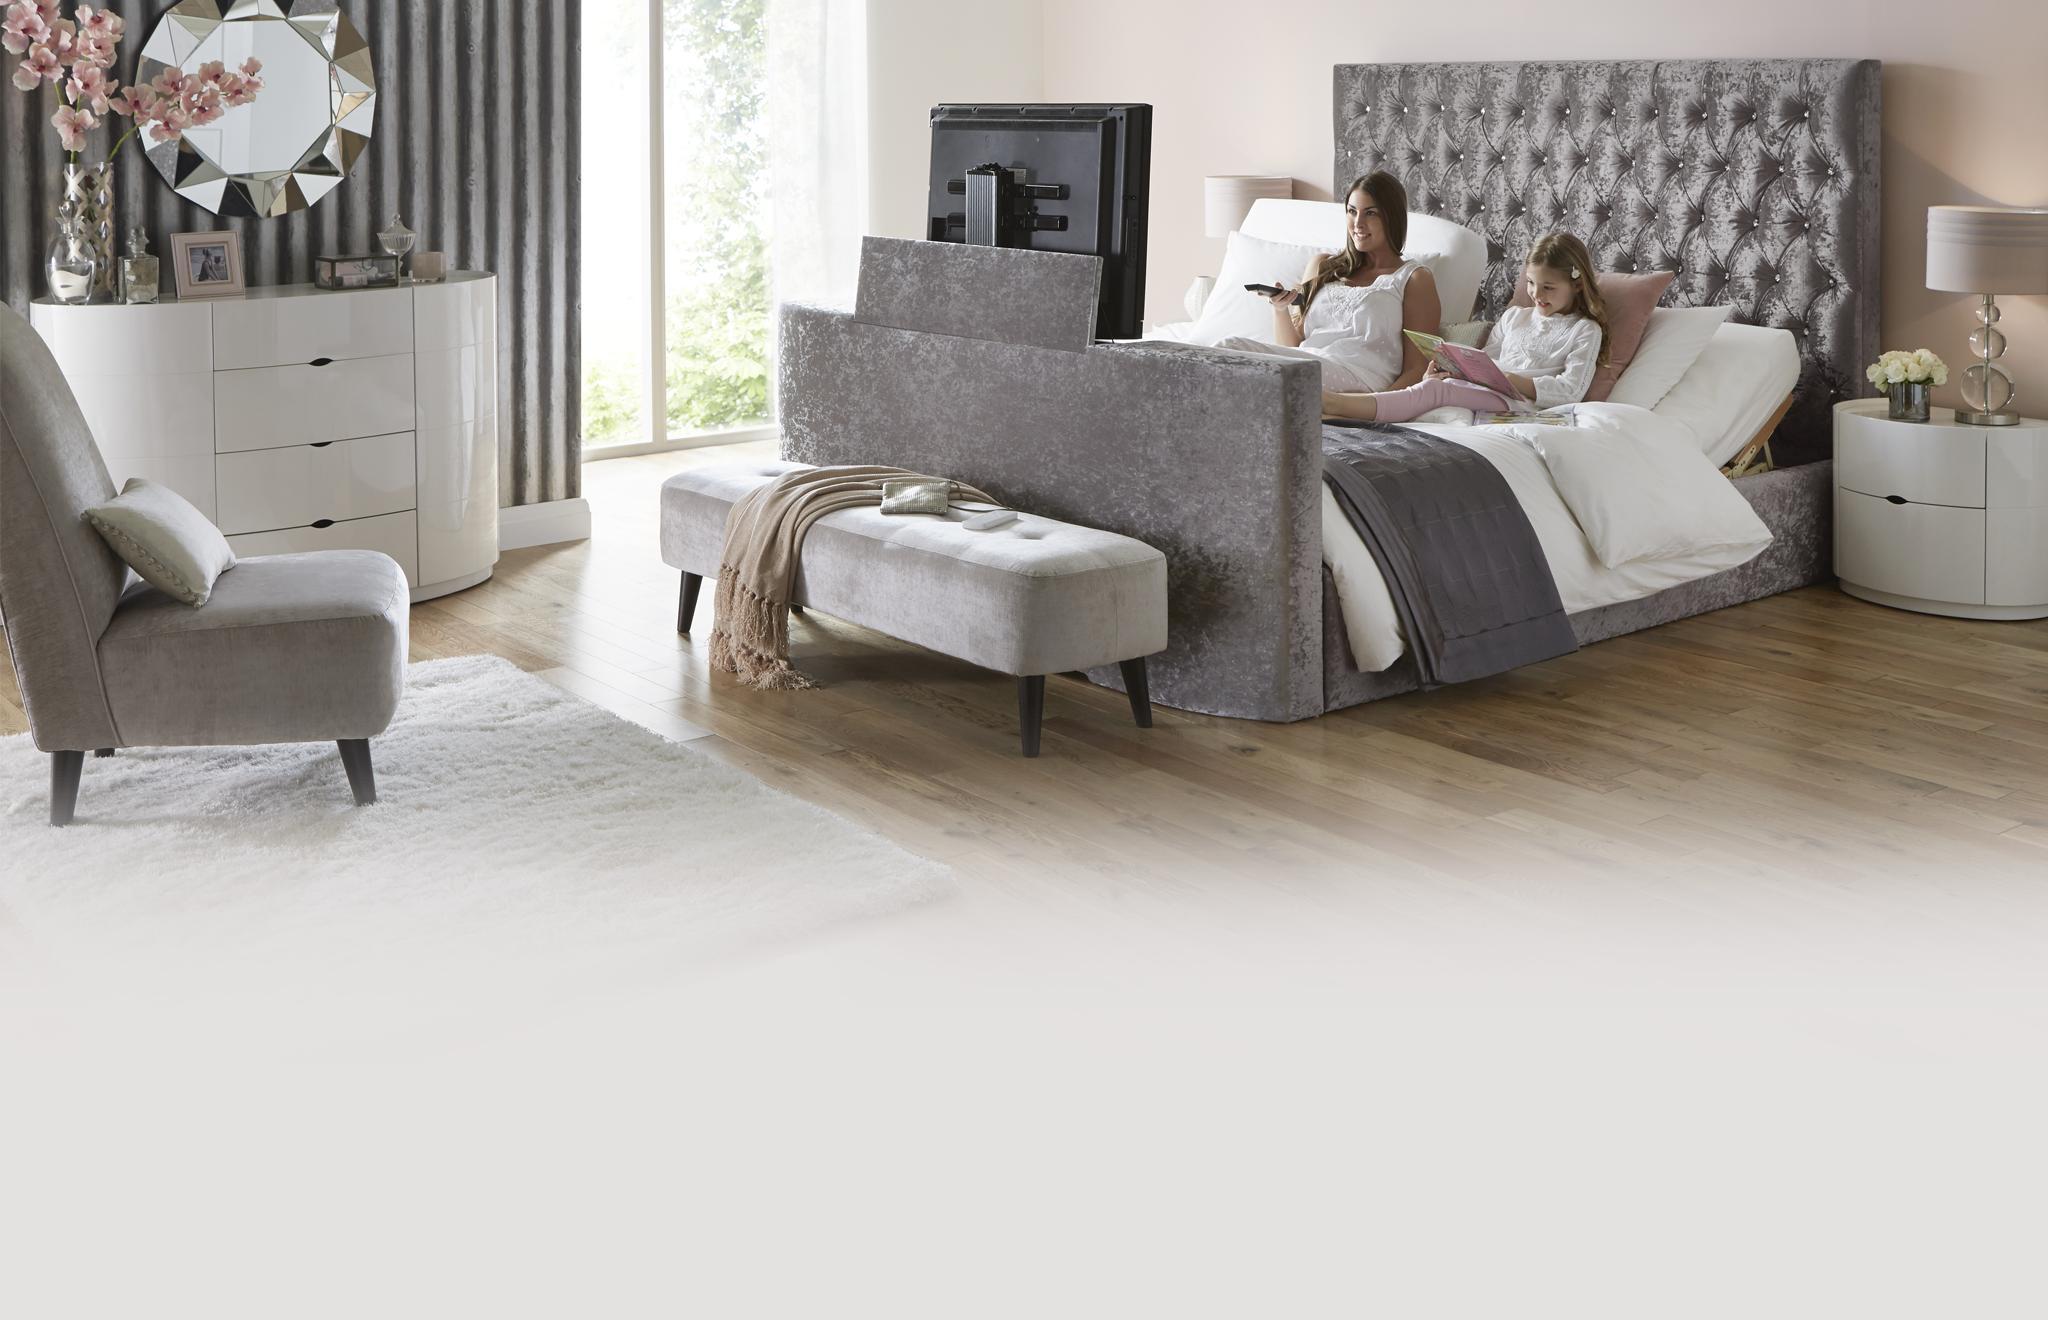 Tv In Bed : Tokyo tv ottoman bed dreams